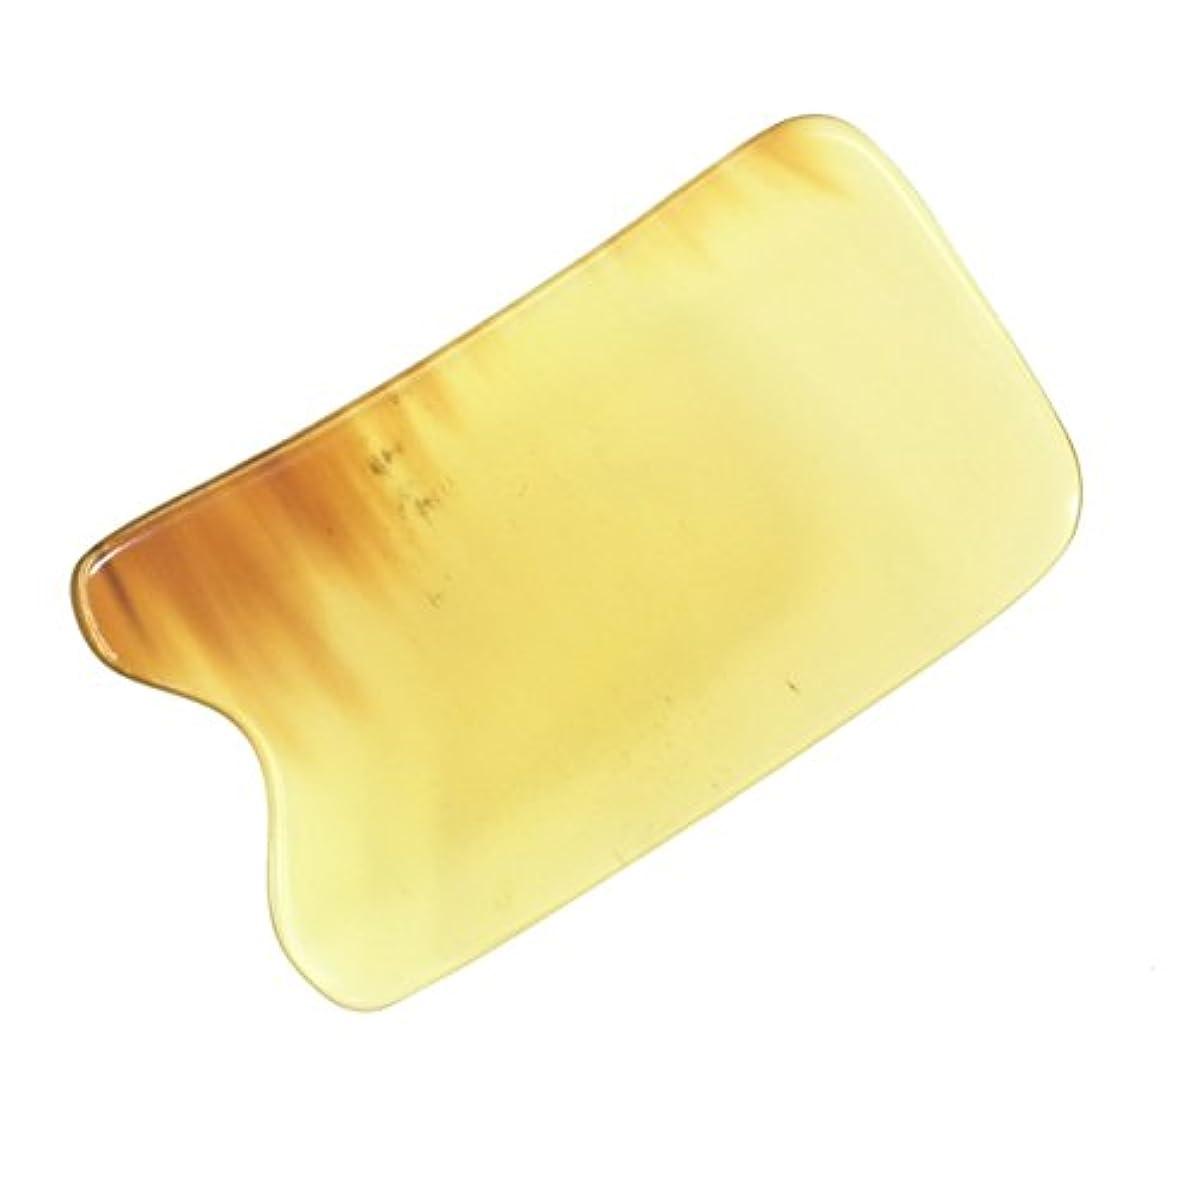 かっさ プレート 厚さが選べる 水牛の角(黄水牛角) EHE219 四角凹 一般品 少し薄め (4ミリ程度)